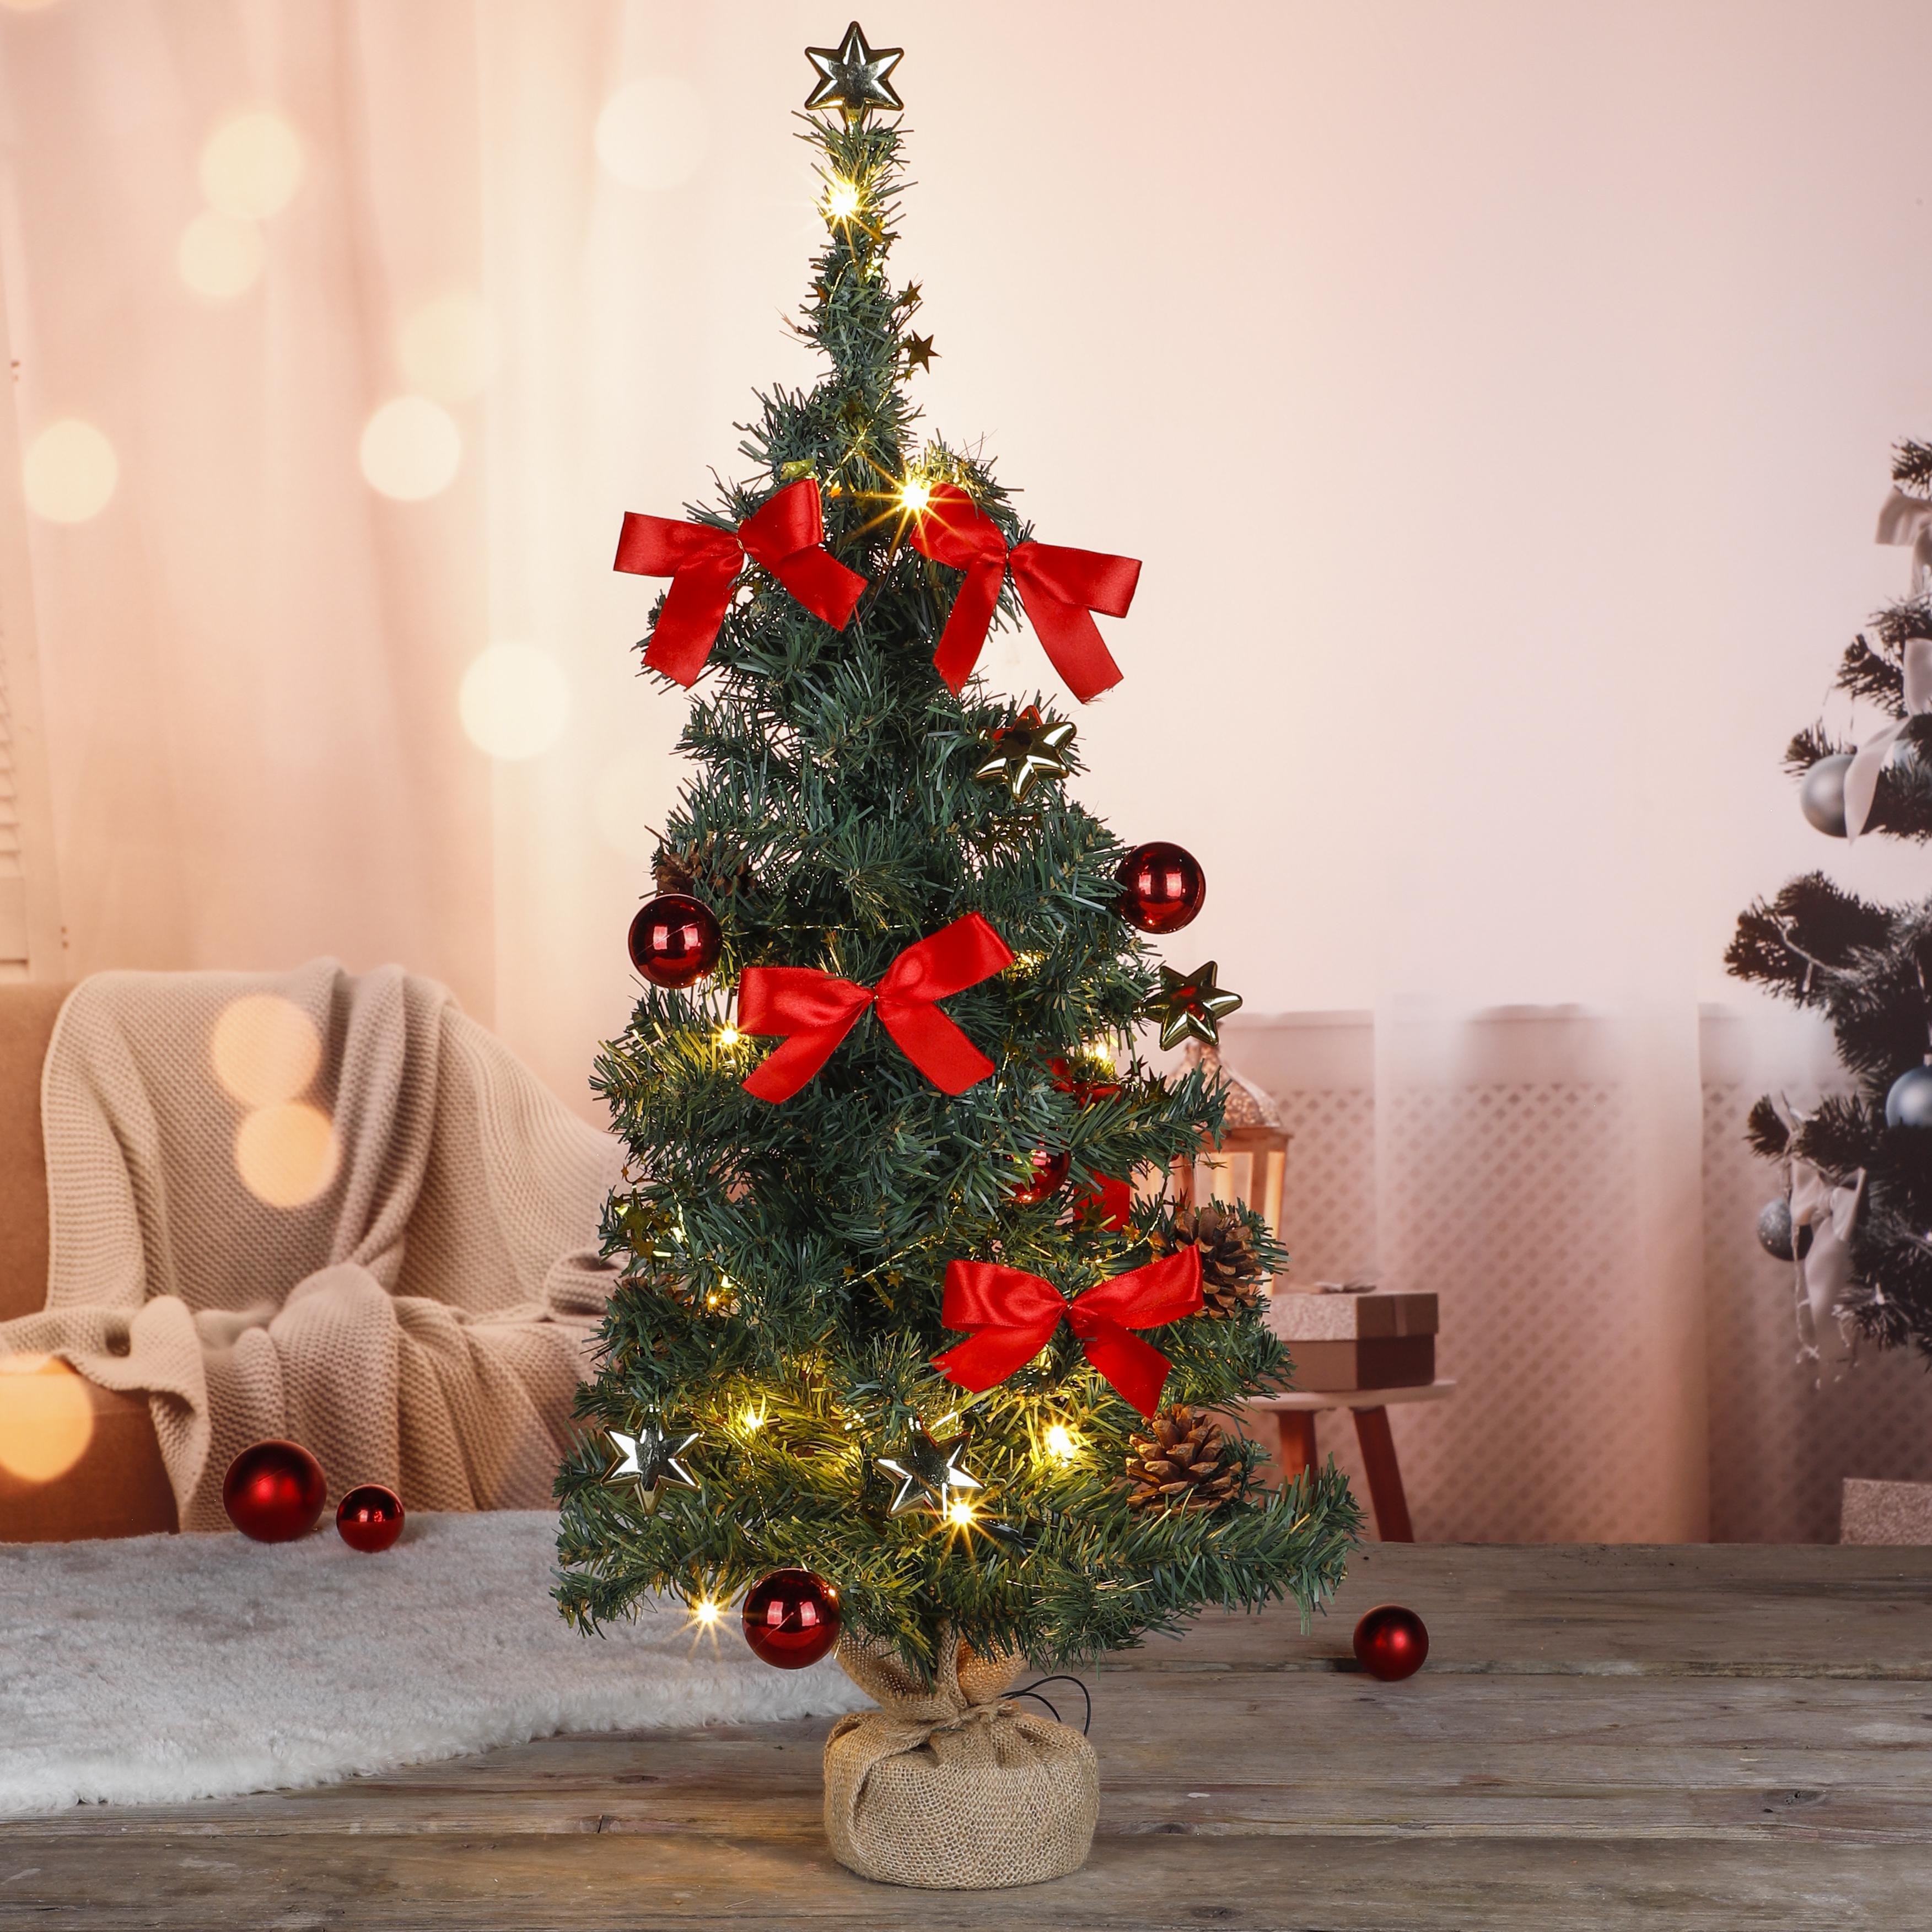 20 LED Weihnachtsbaum Tannenbaum Christbaum Baum geschmückt rot 75 cm